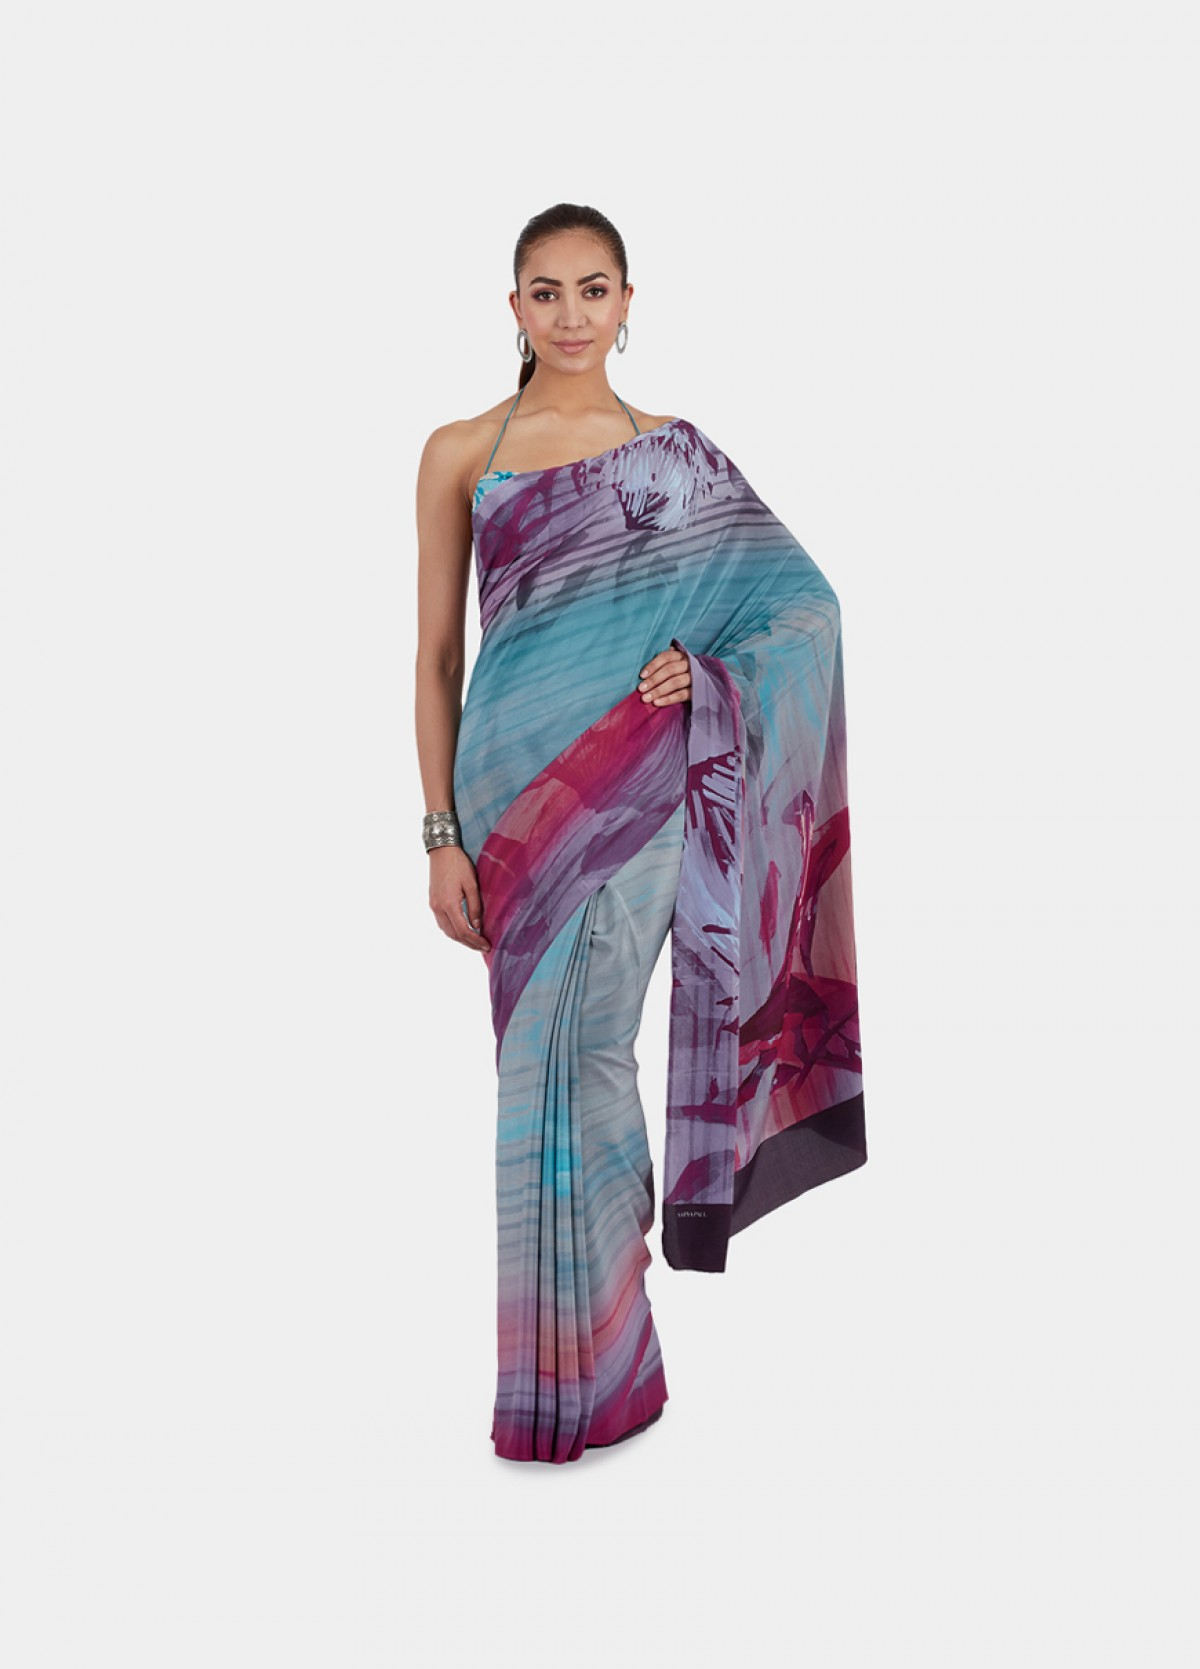 The Protea Sari